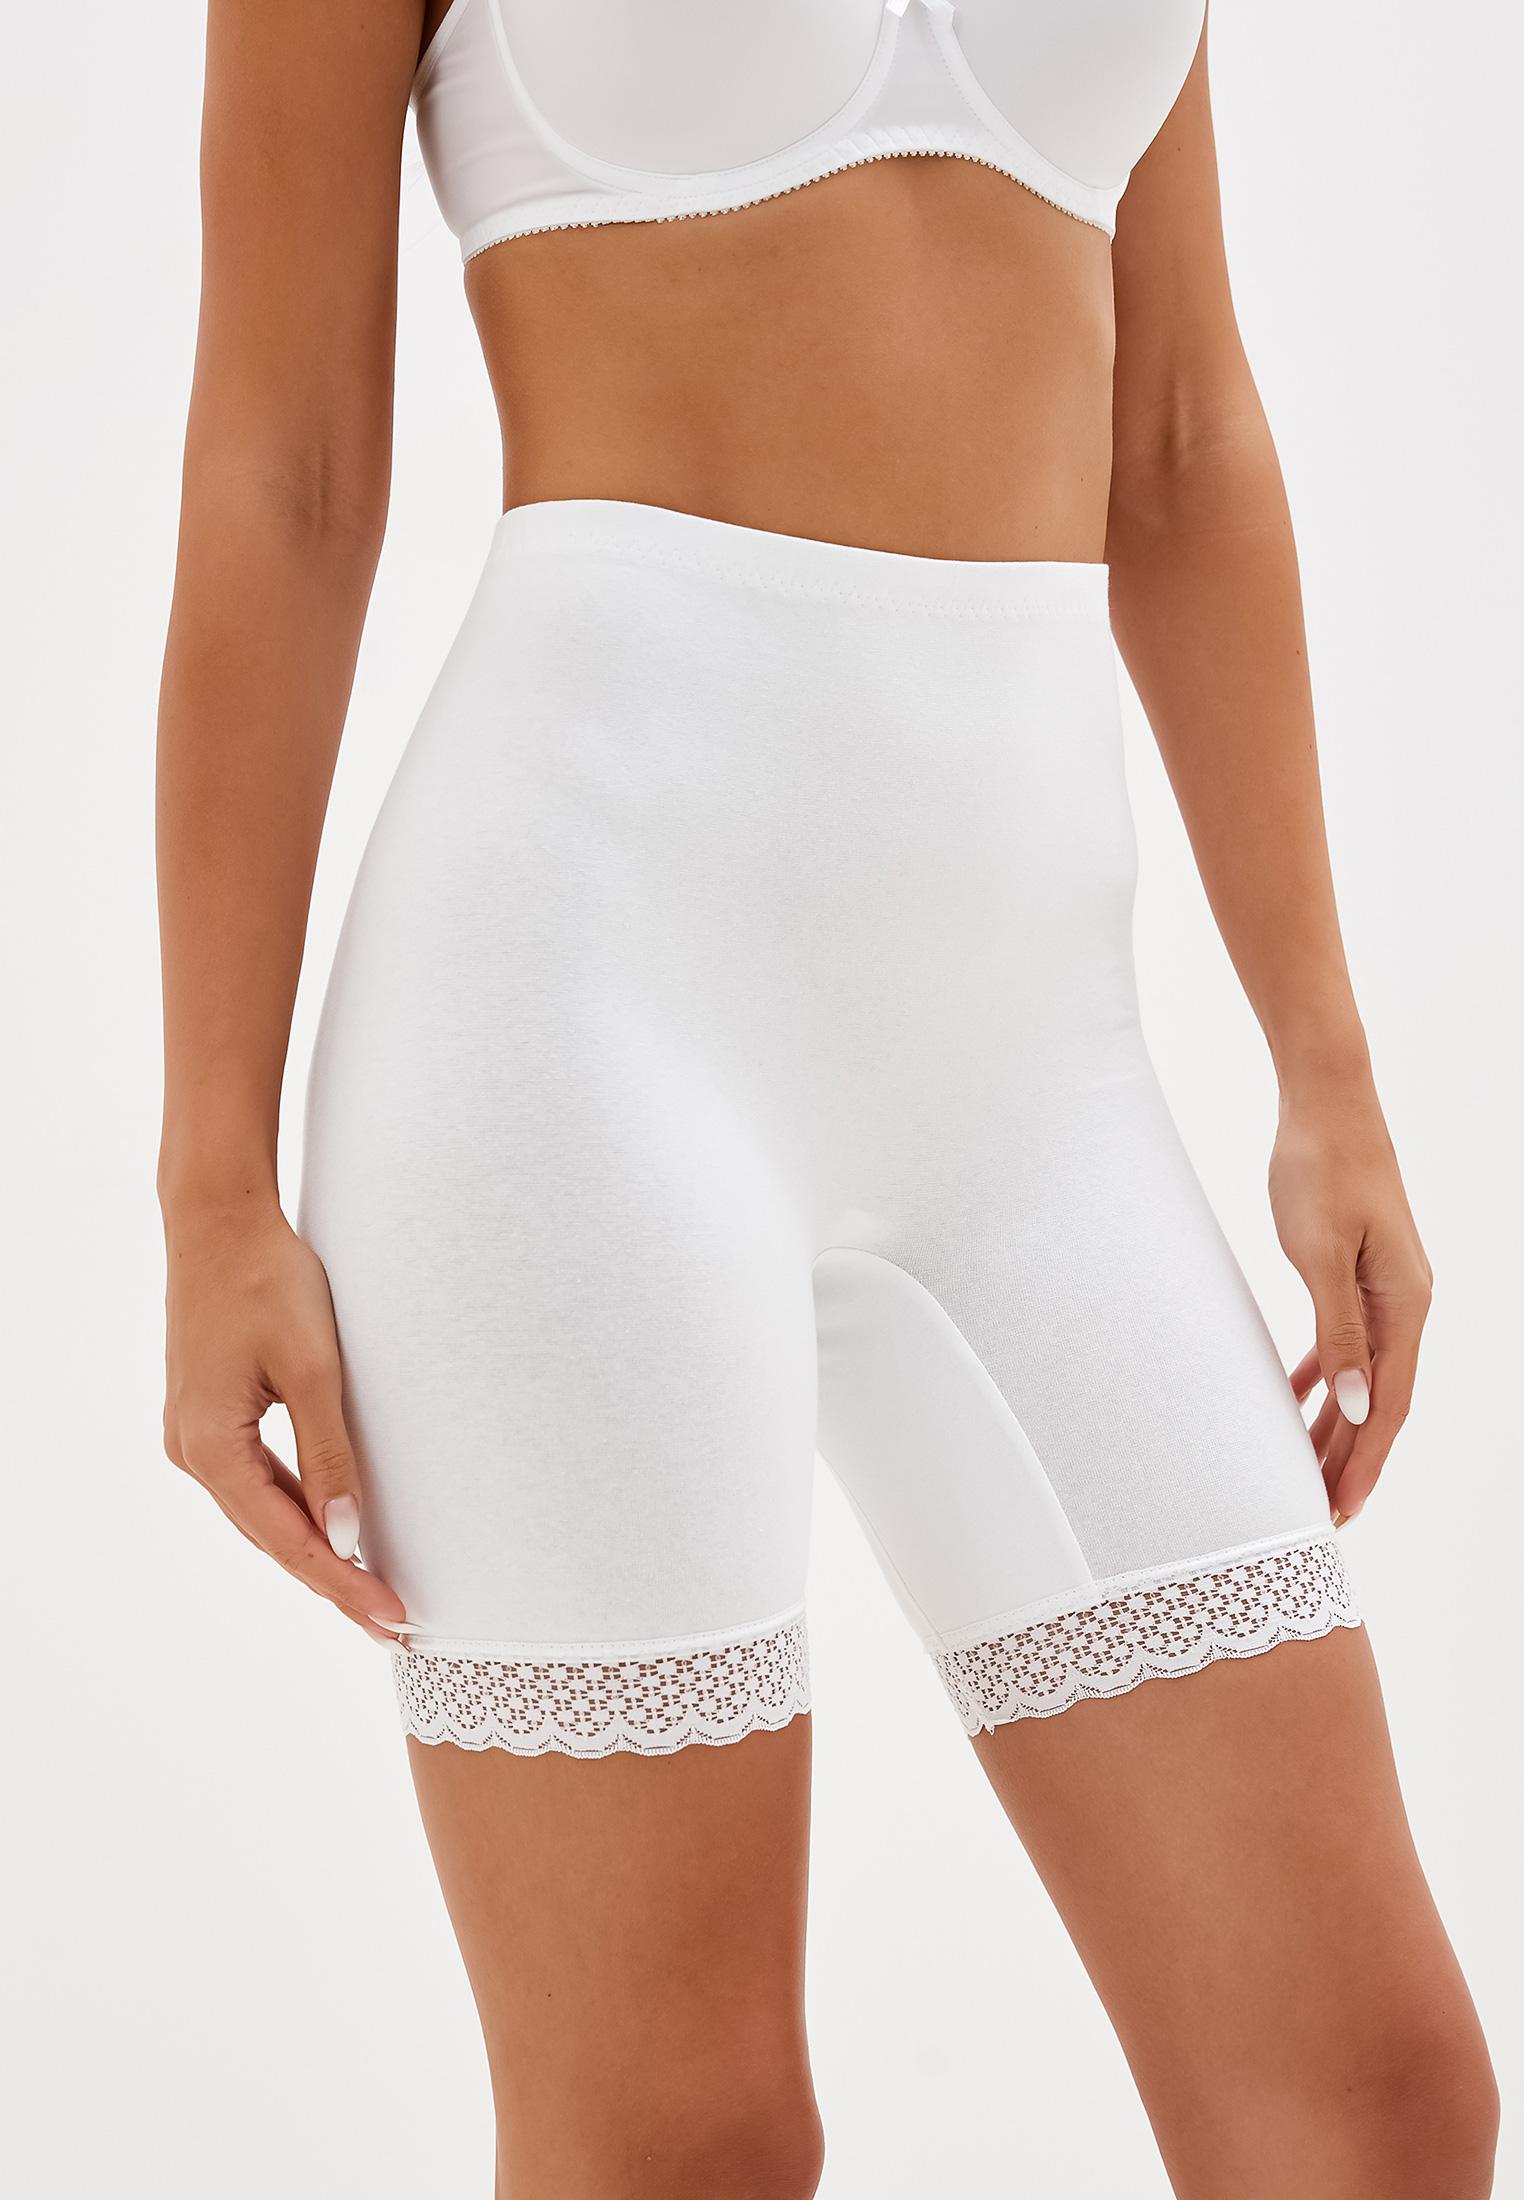 Панталоны женские НОВОЕ ВРЕМЯ T014 белые 54 RU